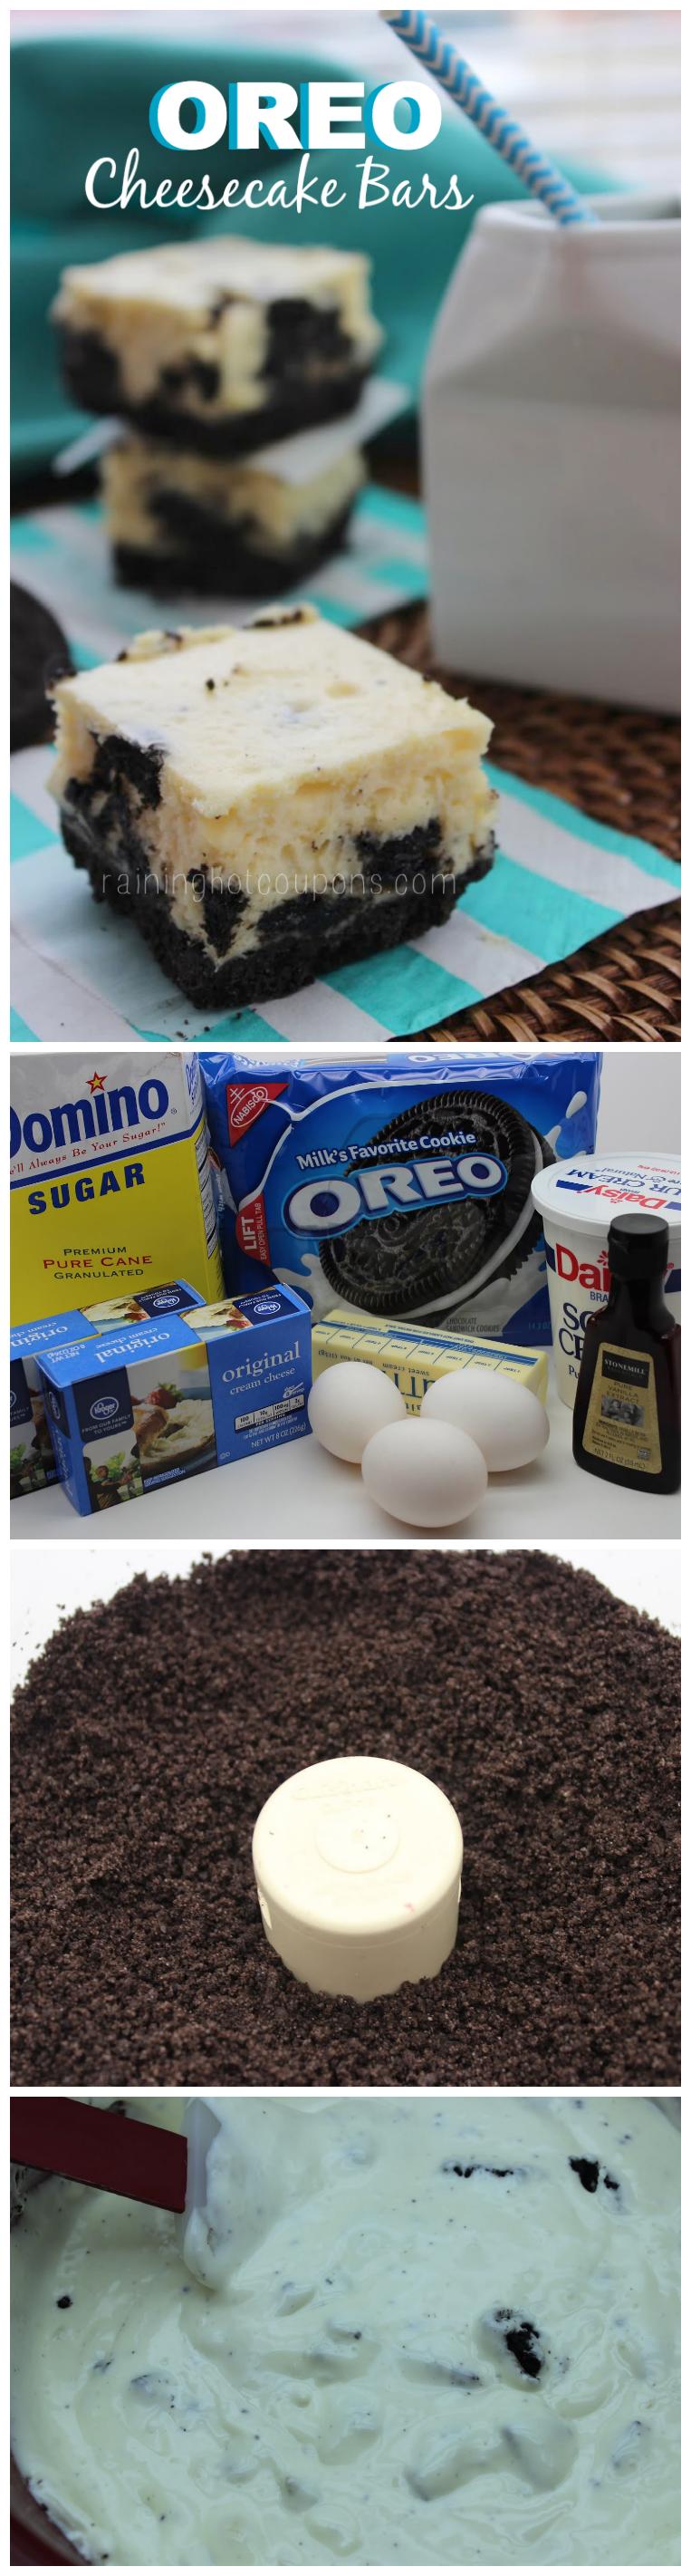 oreo cheesecake collage